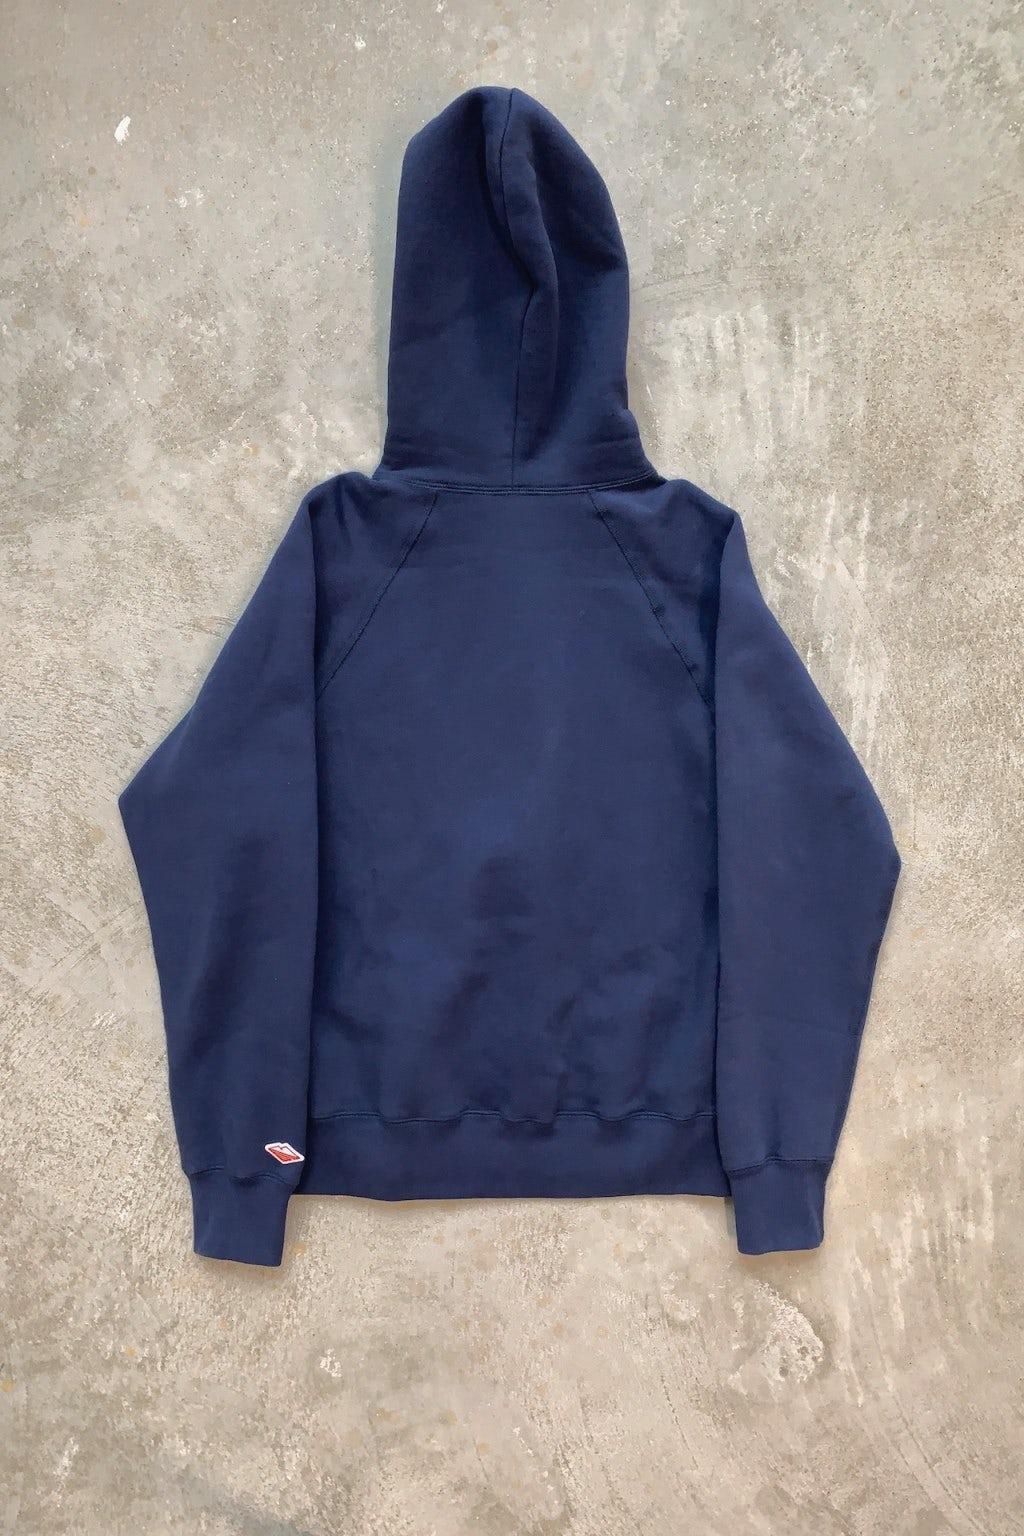 Battenwear Reach Up Hoody Navy